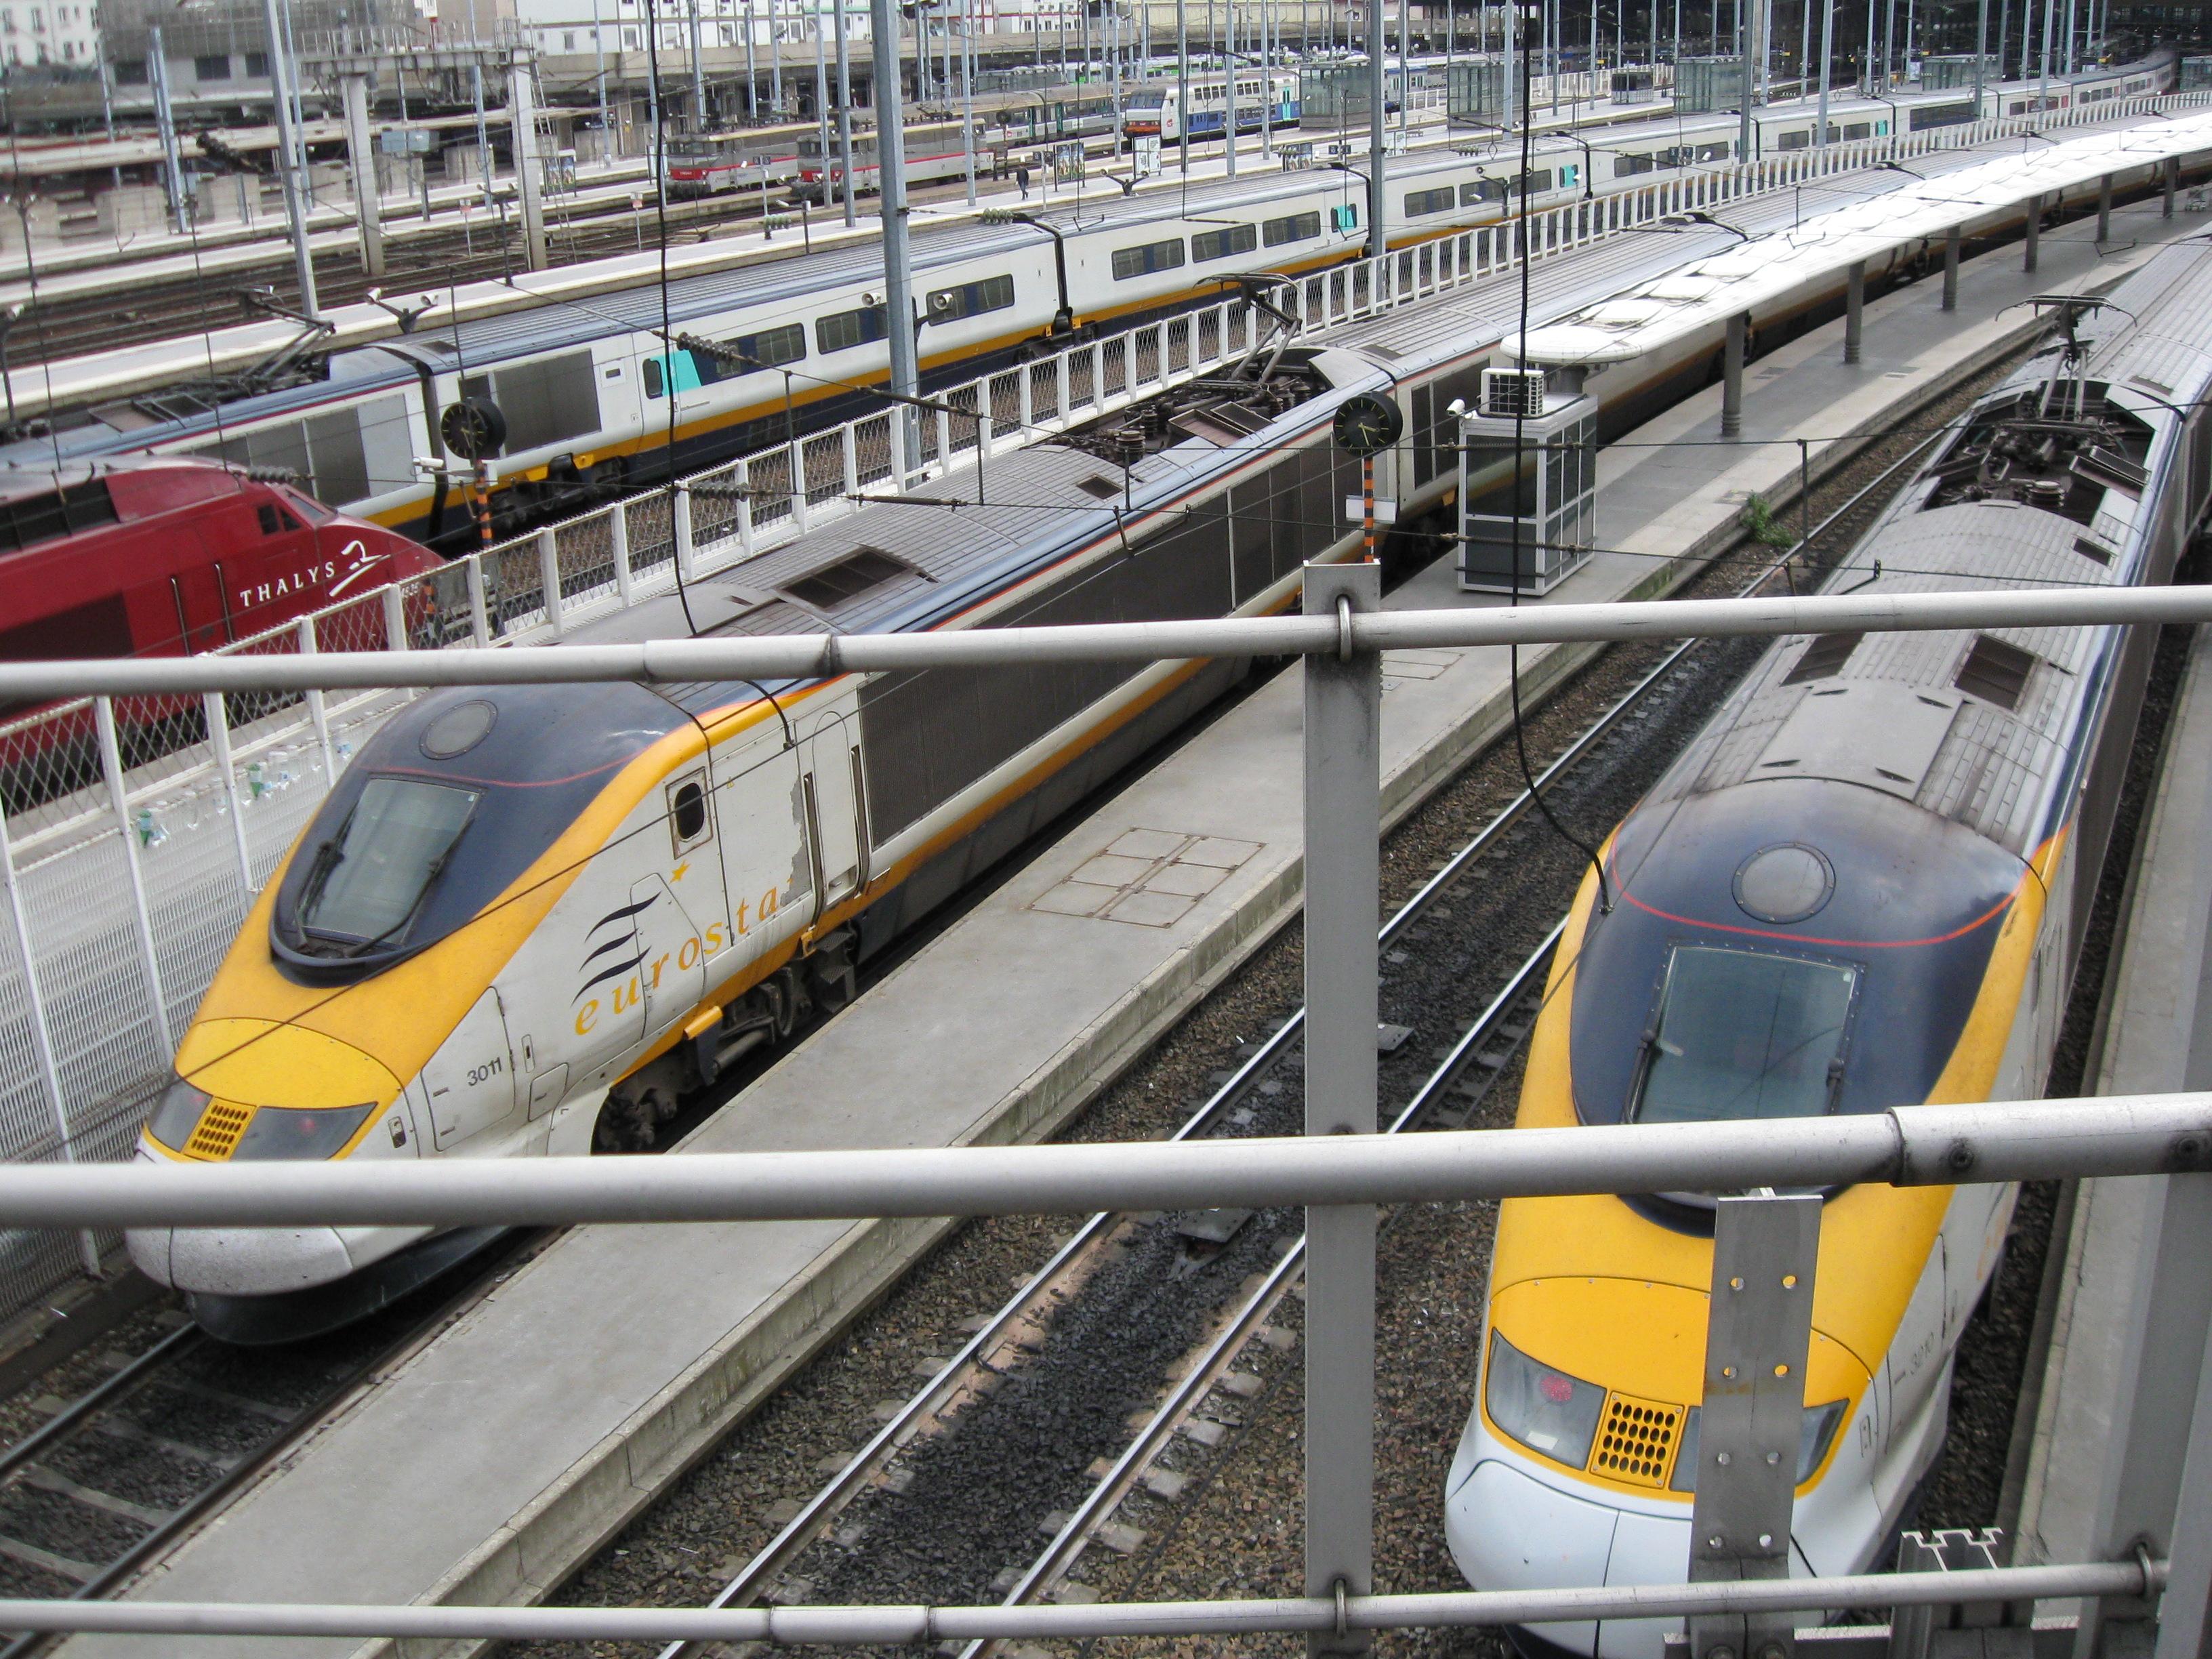 París líder Fare - Los trenes a París - Últimas ofertas